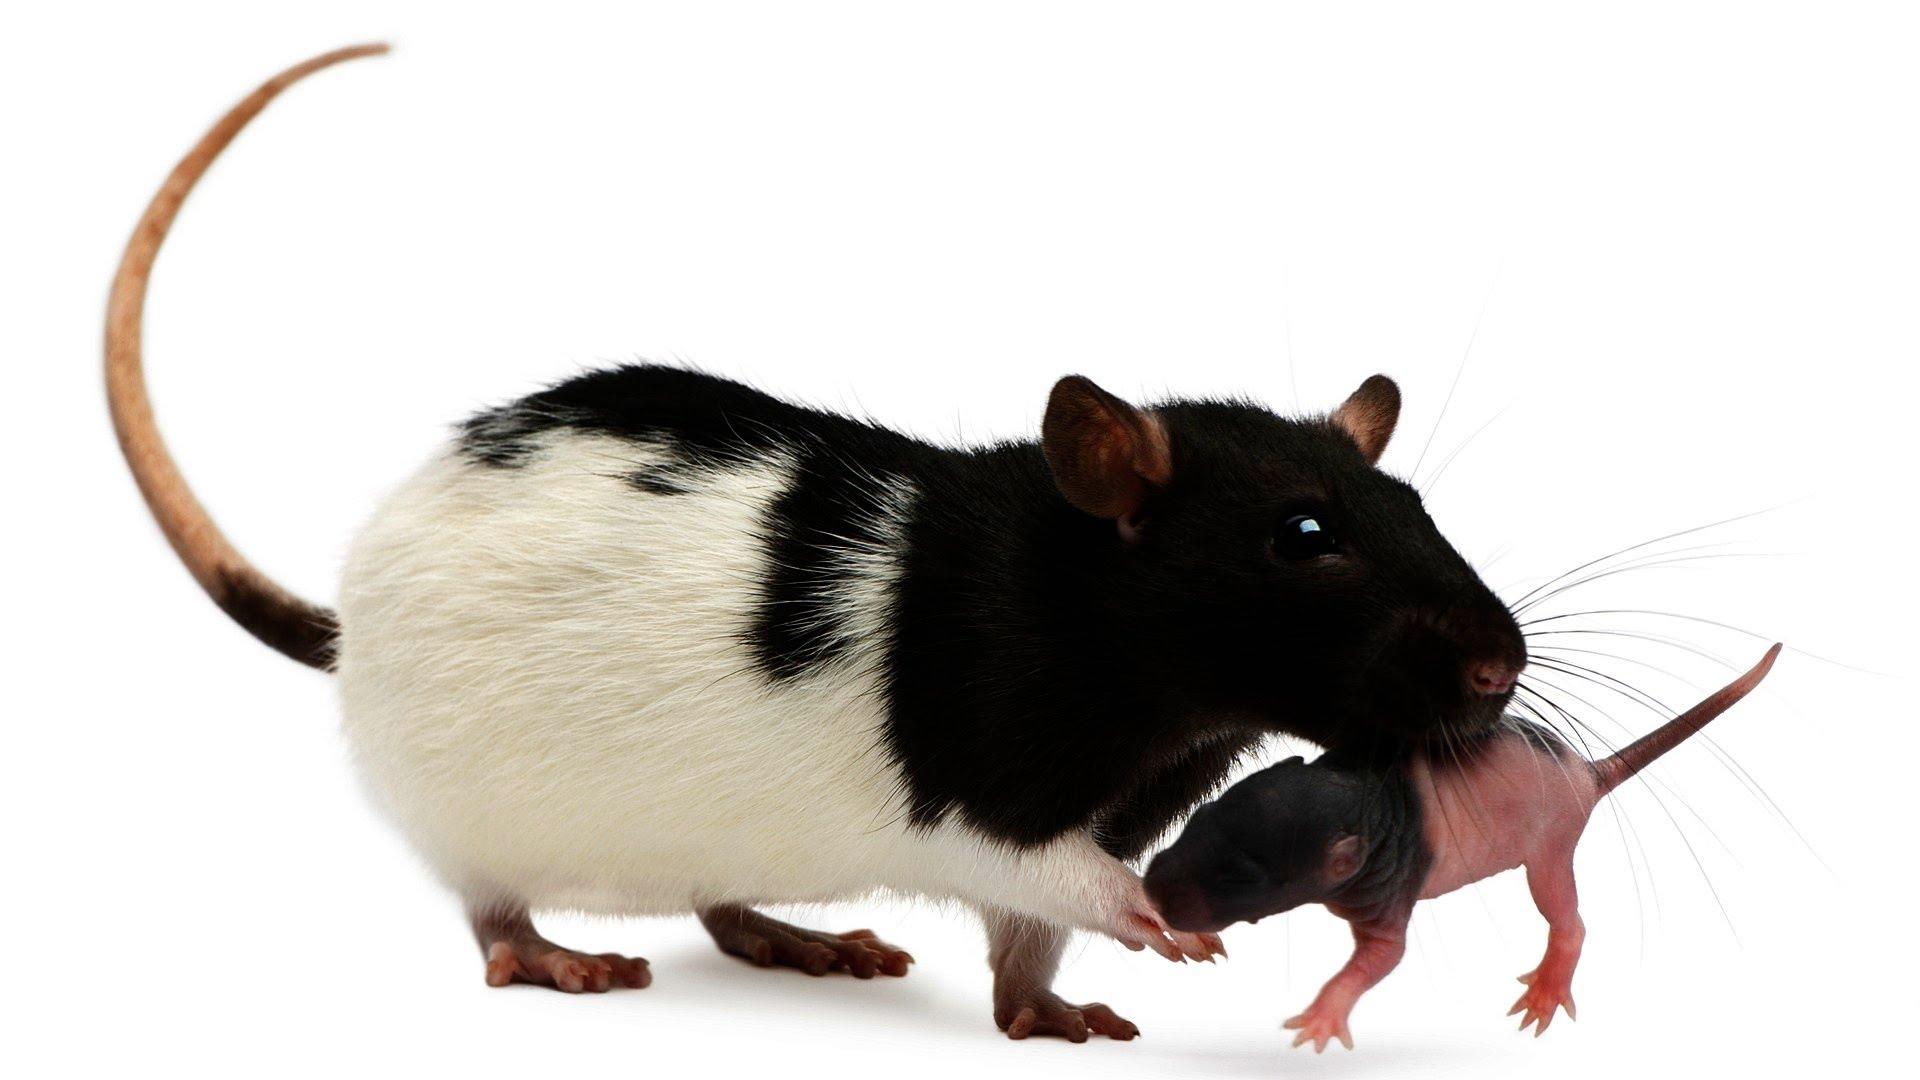 How To Take Care Of Newborn Baby Rats Newborn Baby